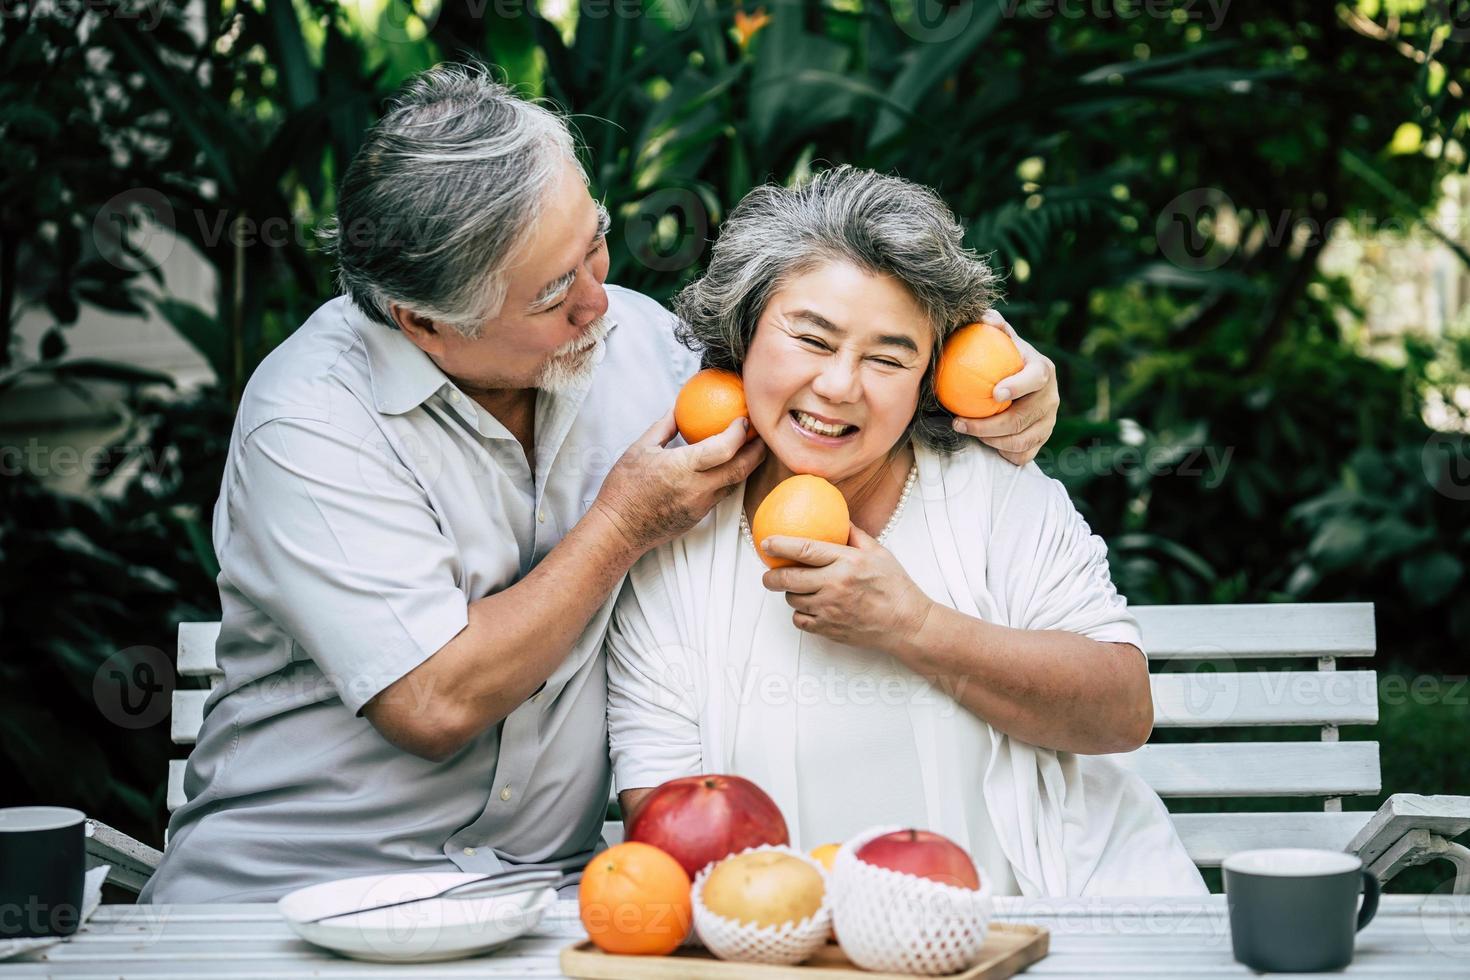 coppia di anziani giocando e mangiando un po 'di frutta foto